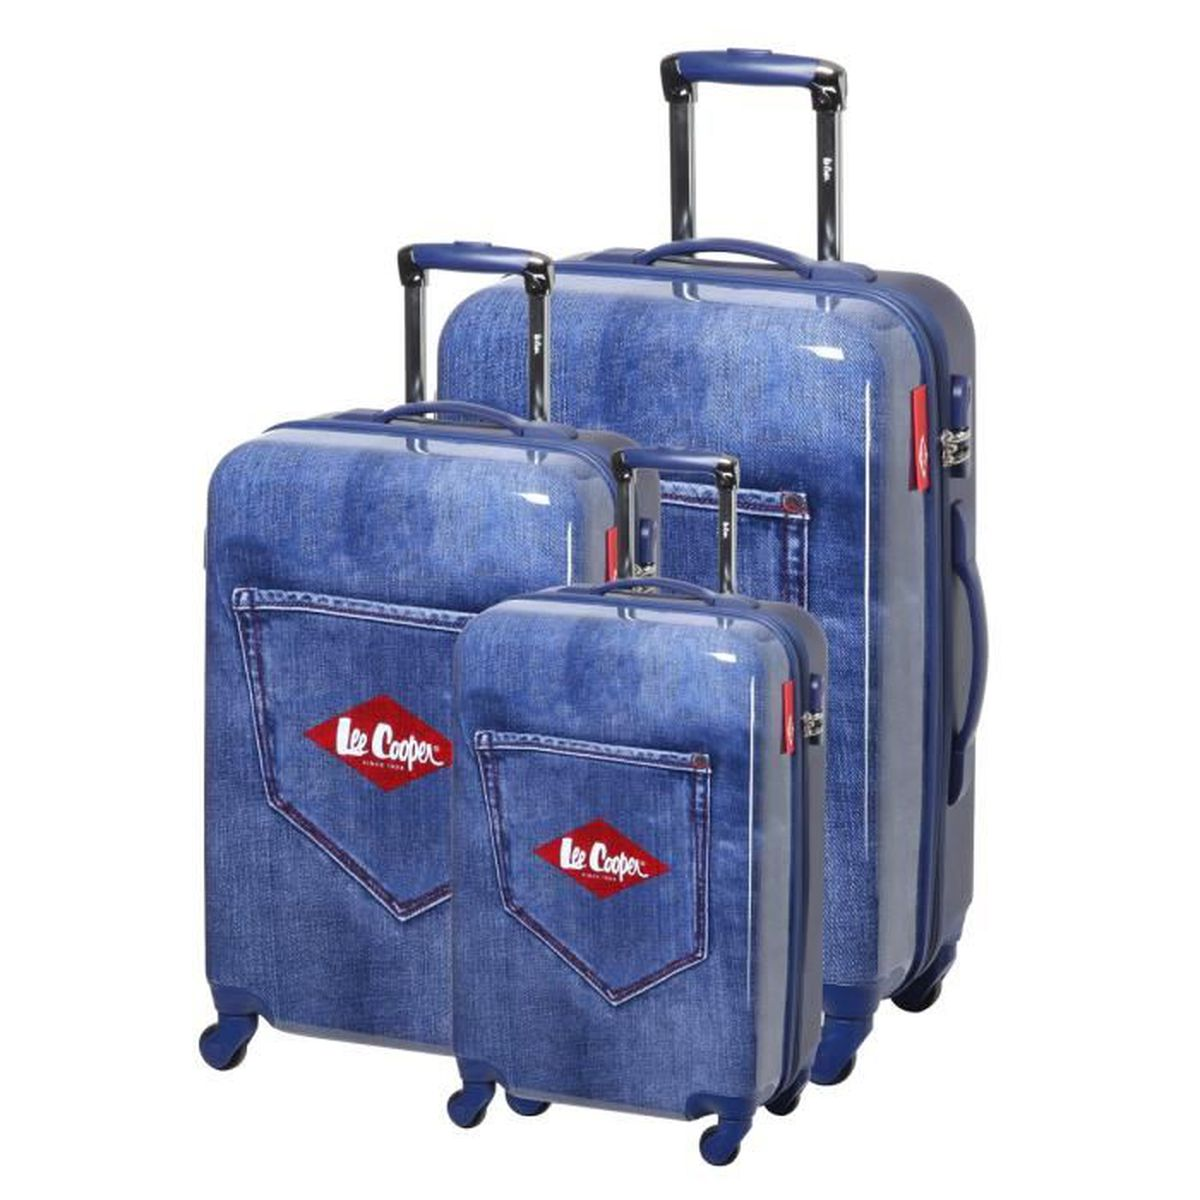 lee cooper set de 3 valises rigide abs polycarbonate 4 roues 49 59 69cm denim noir noir. Black Bedroom Furniture Sets. Home Design Ideas